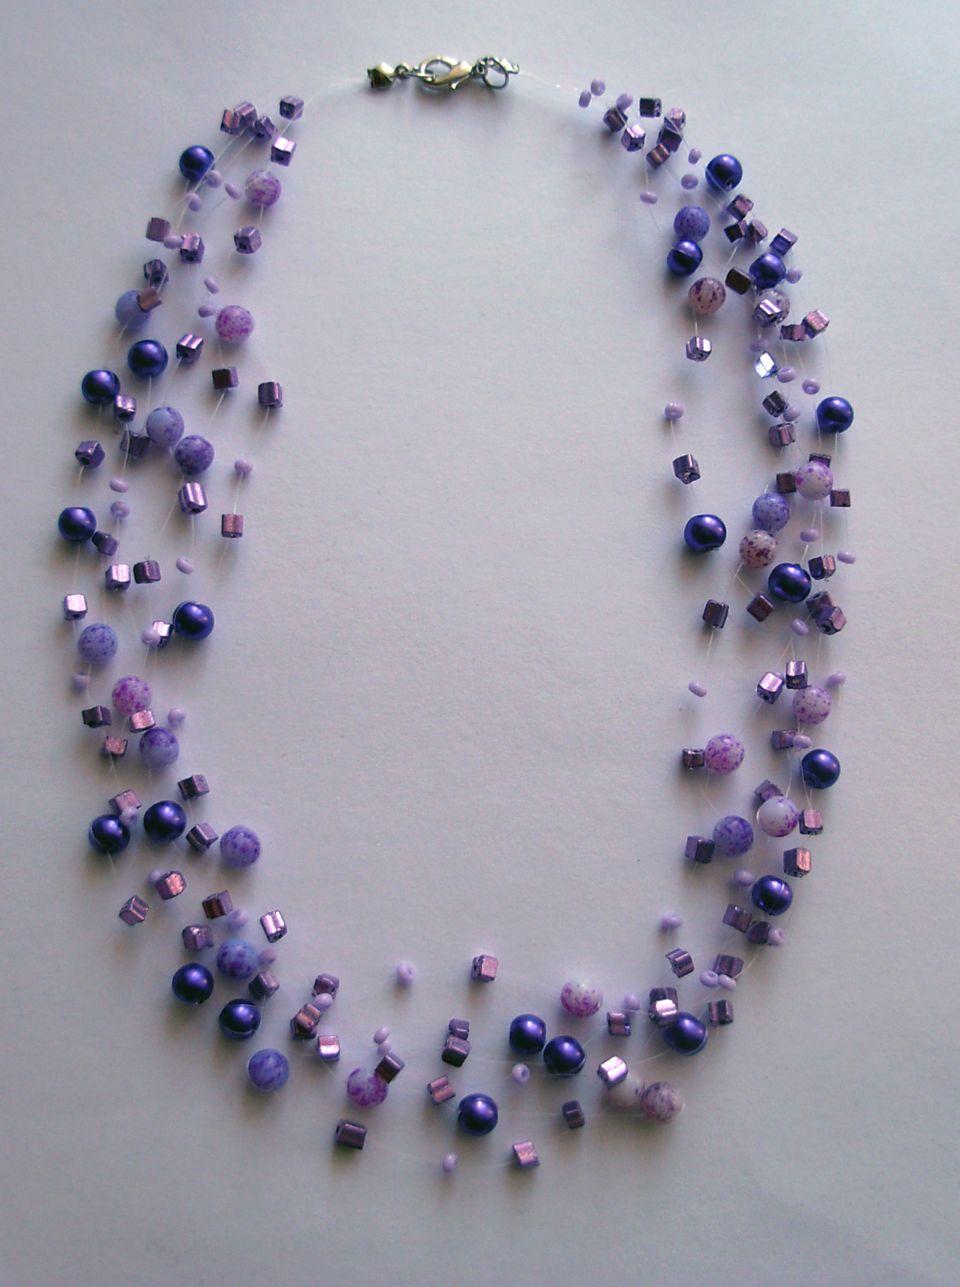 Kouzlo+fialové+Motanice+z+různých+druhů+korálků+a+rokailů+v+několika+odstínech+fialové+barvy.+Délka+47+cm.